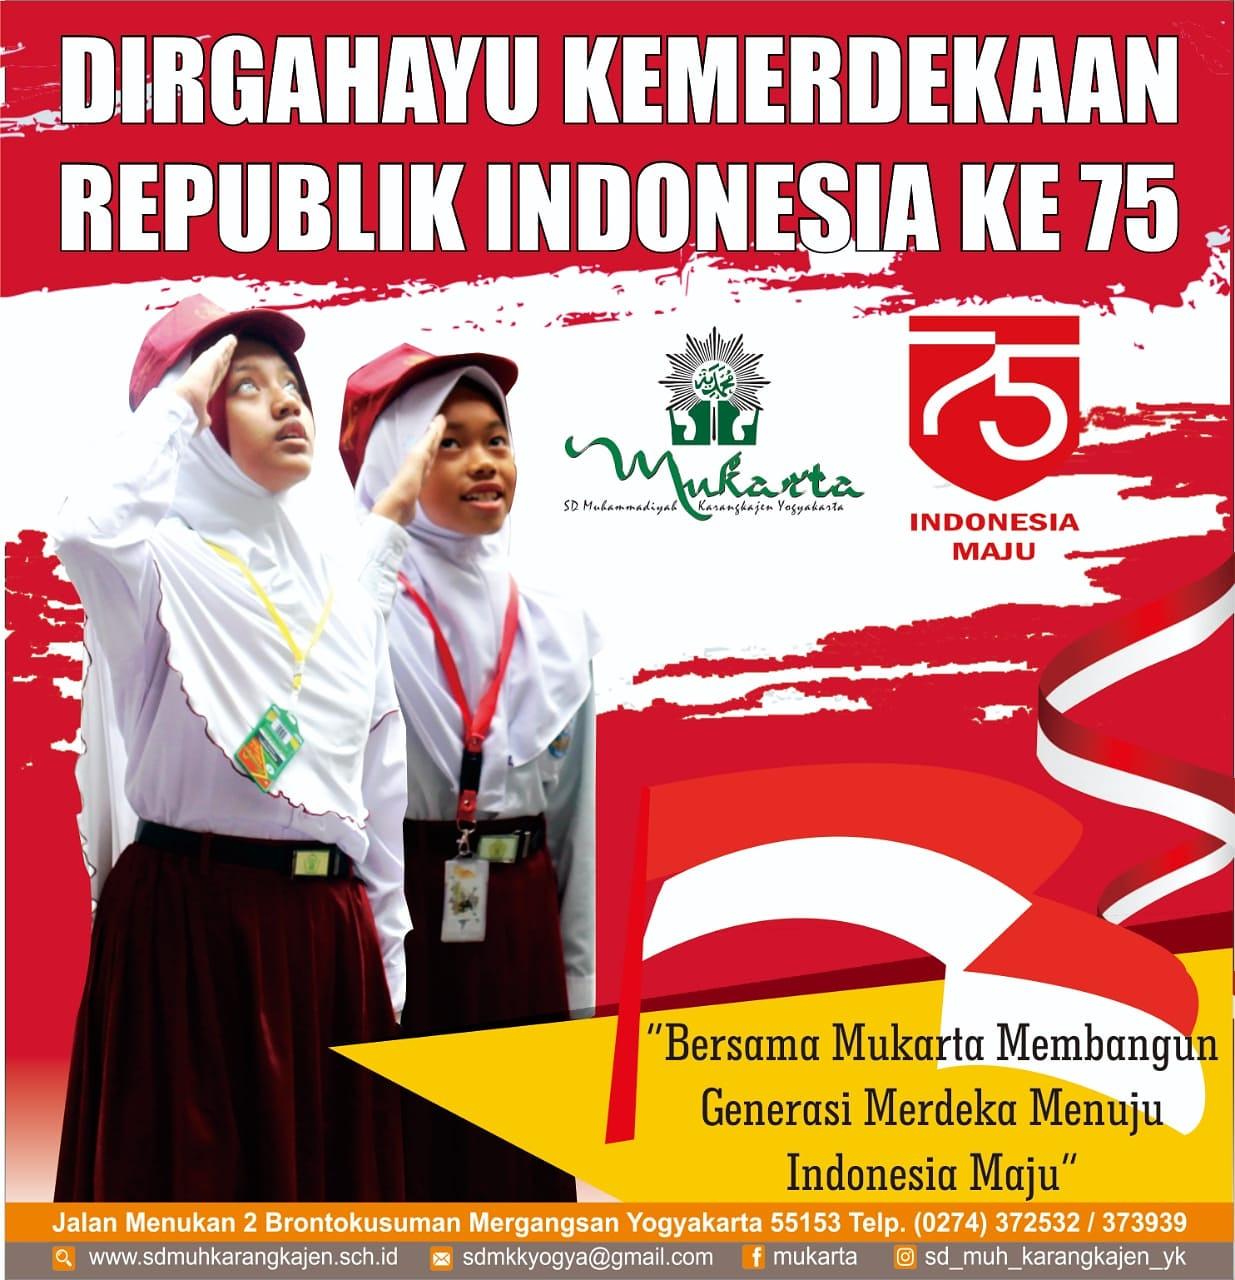 SELAMAT HARI JADI KEMERDEKAAN REPUBLIK INDONESIA KE 75